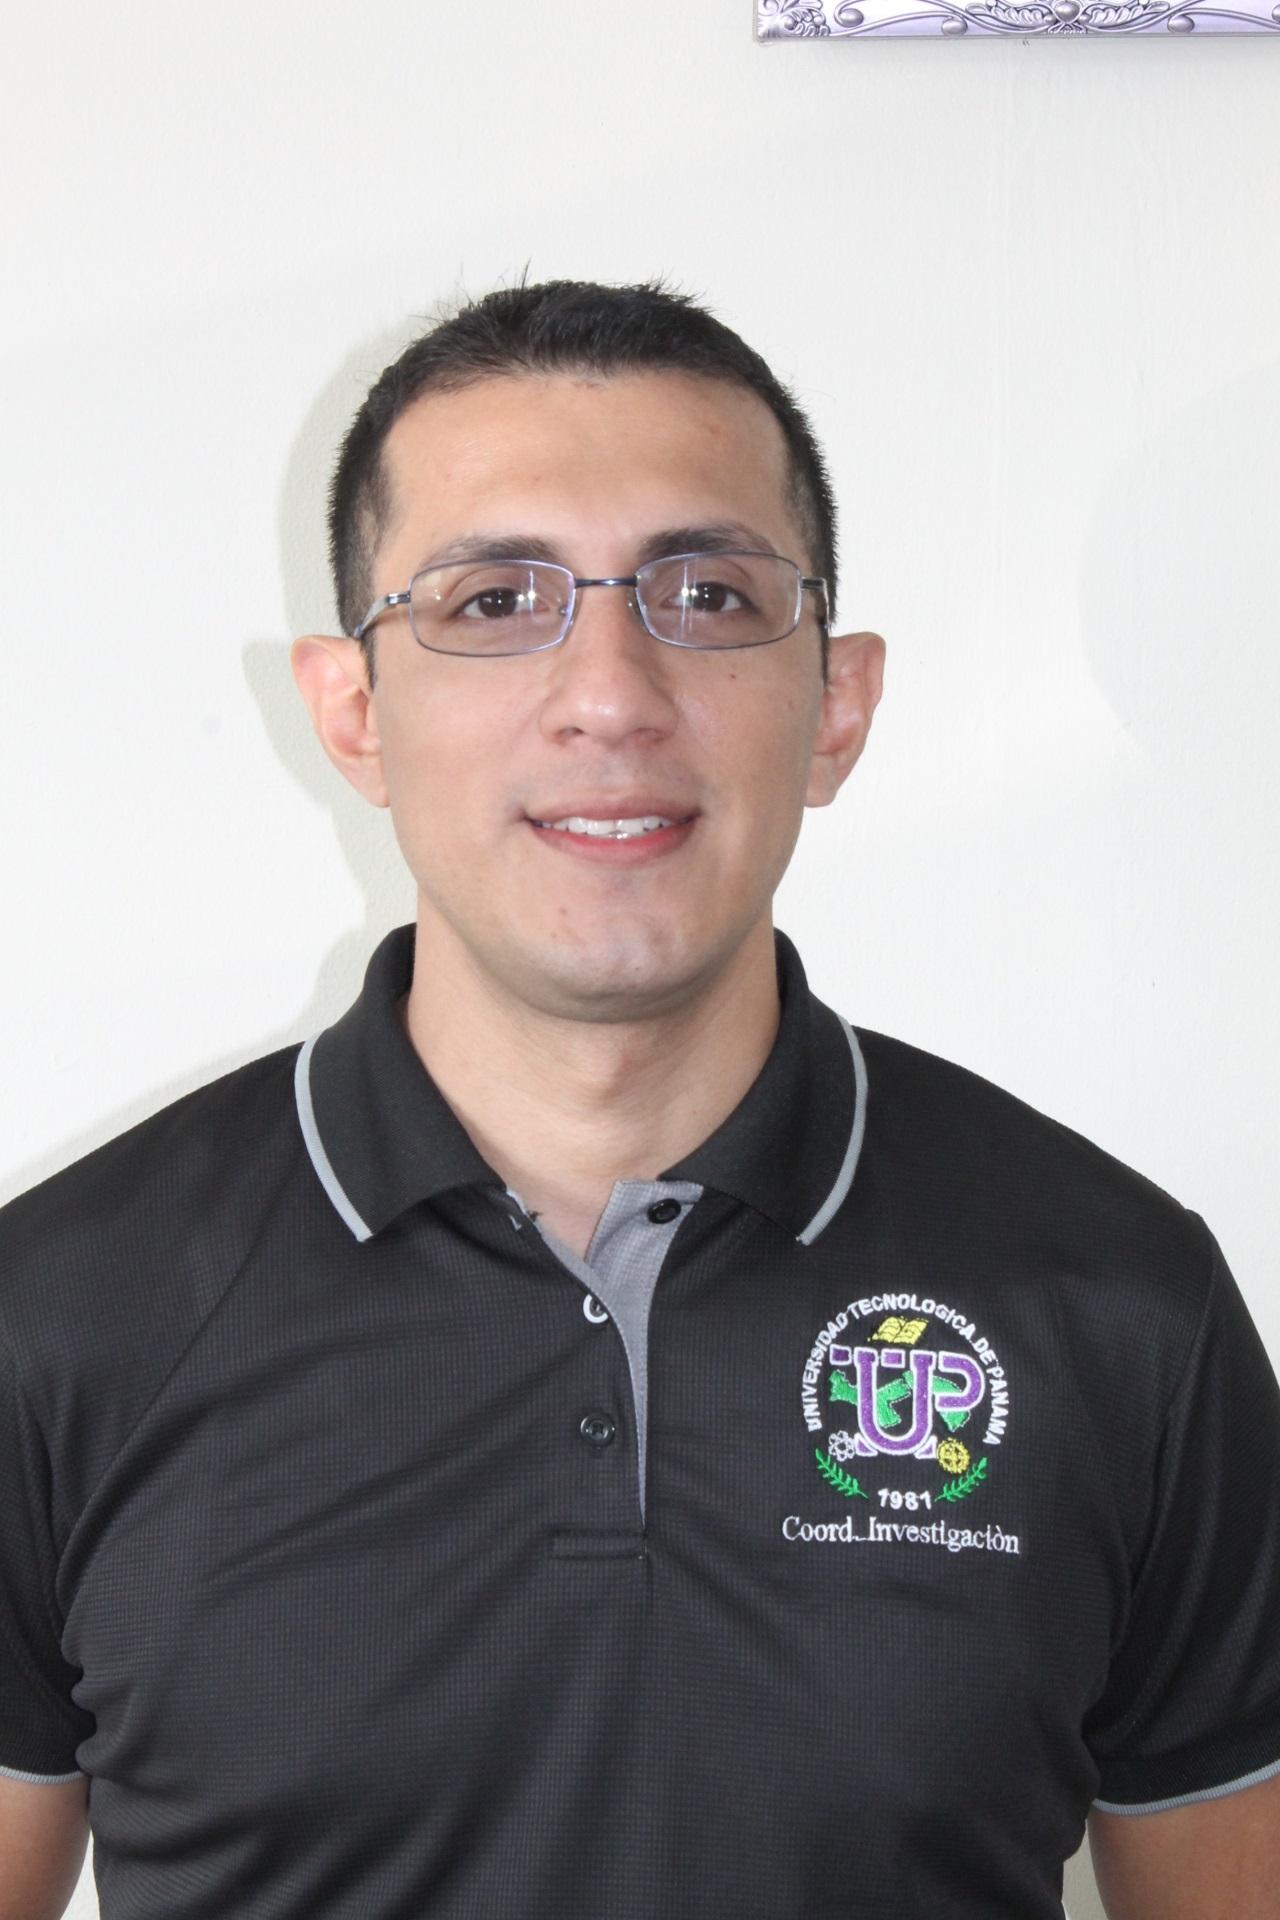 Josías Obed Rosario Guerrero